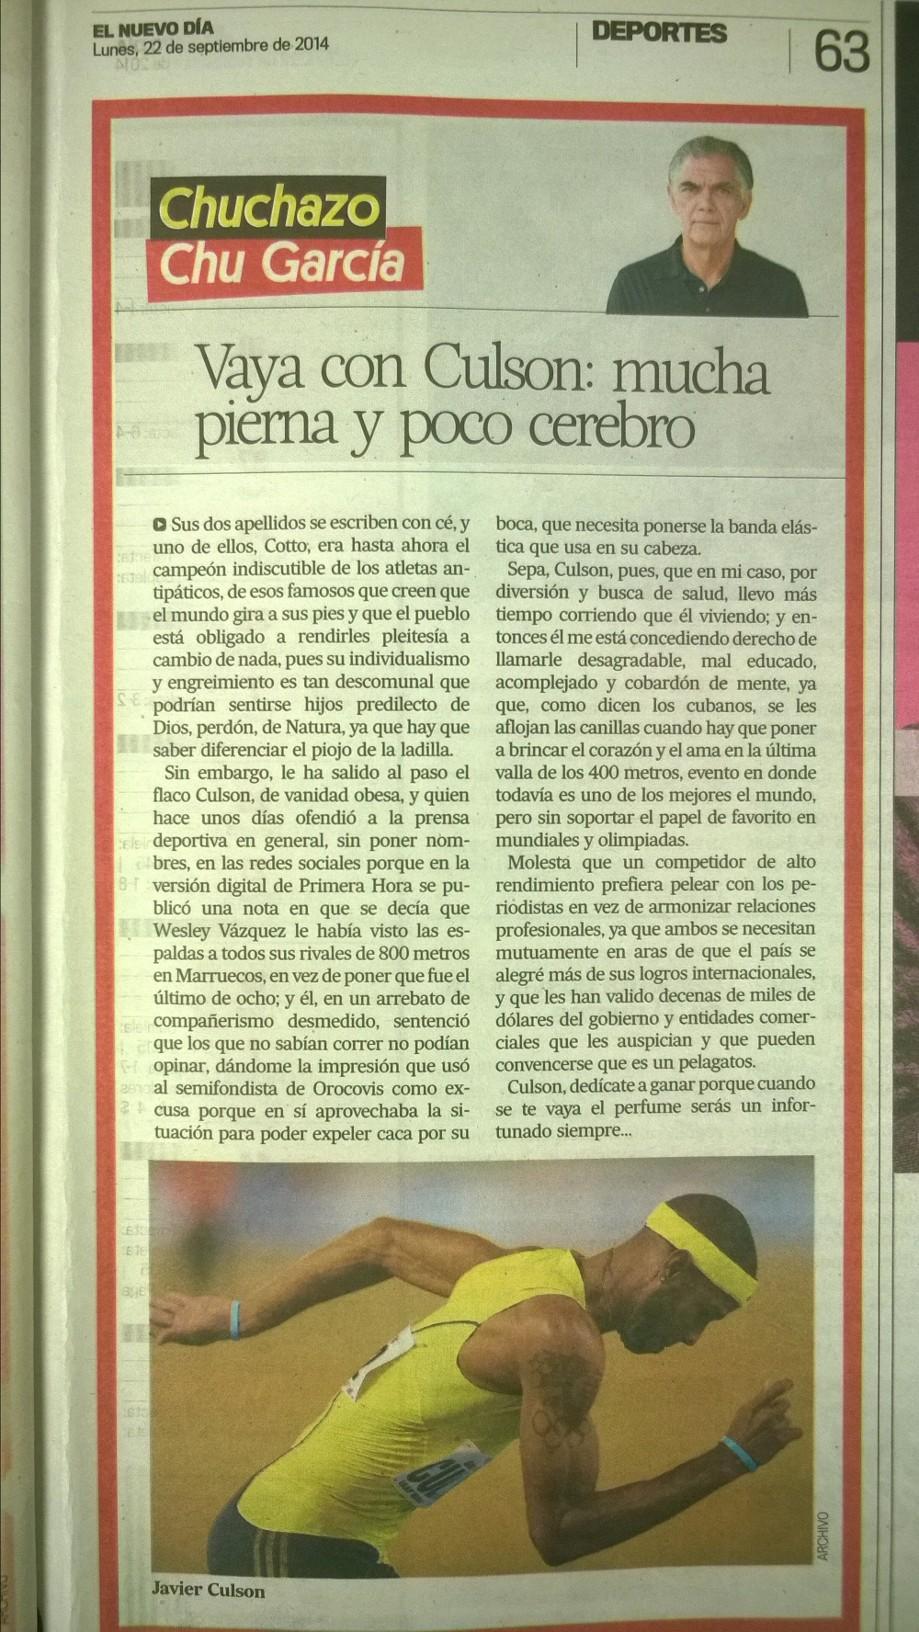 Columna de Chu García en El Nuevo Día, lunes 22 de septiembre de 2014, página 63. Imagen tomada por Ángel Carrión.